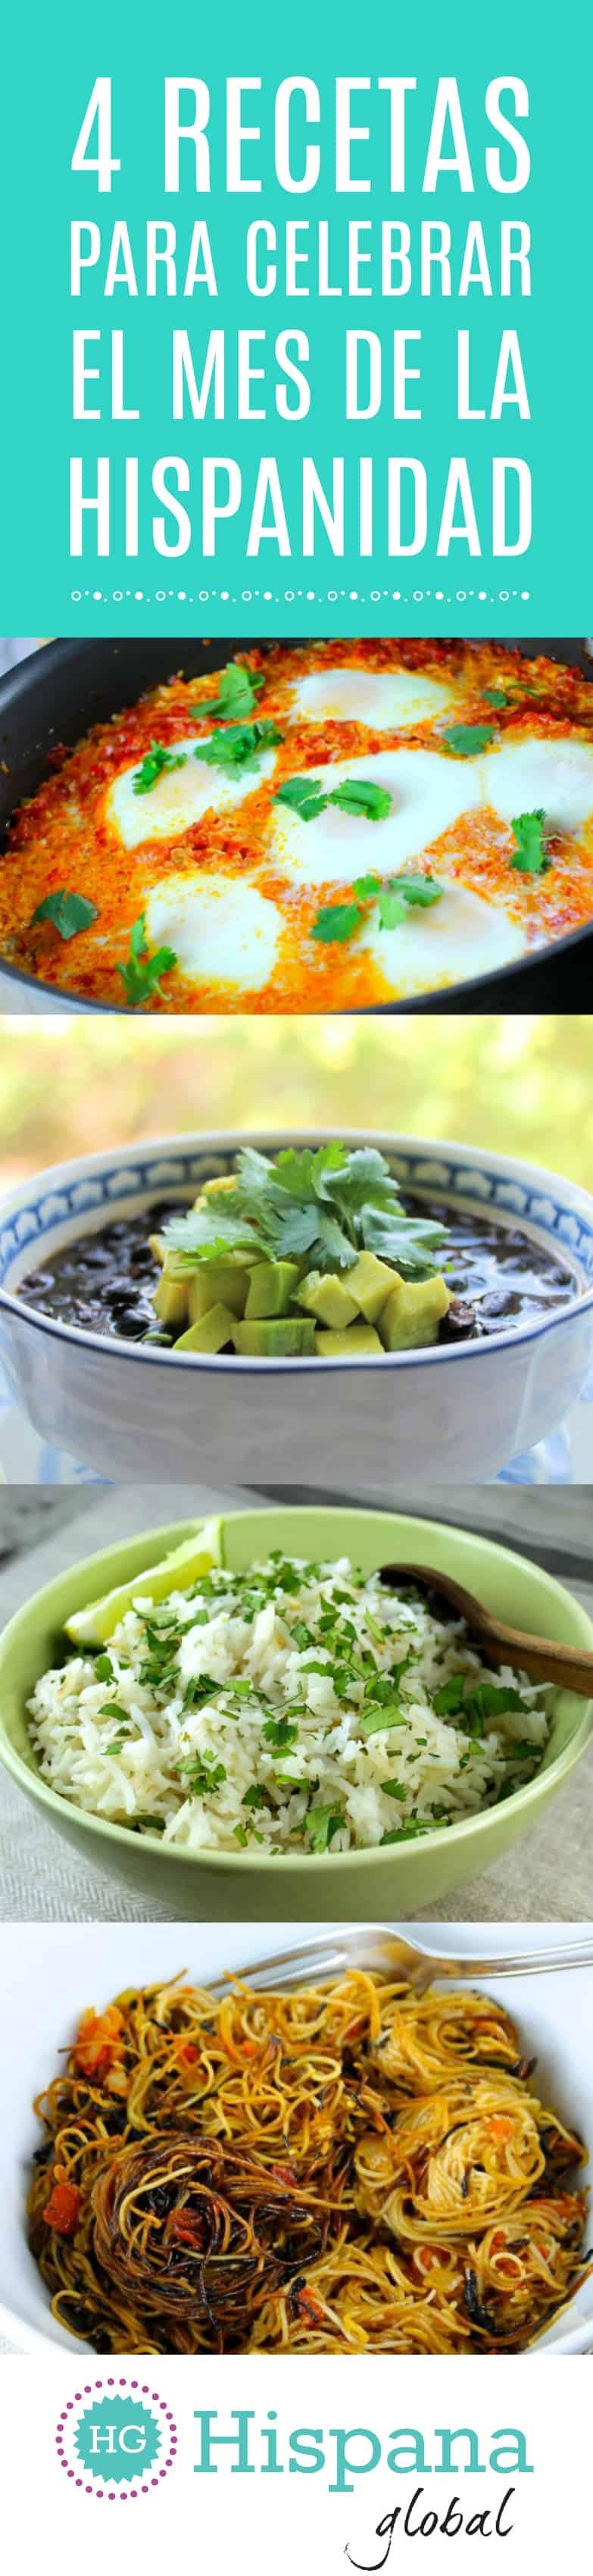 4 deliciosas recetas para celebrar el mes de la hispanidad - Hispana ...